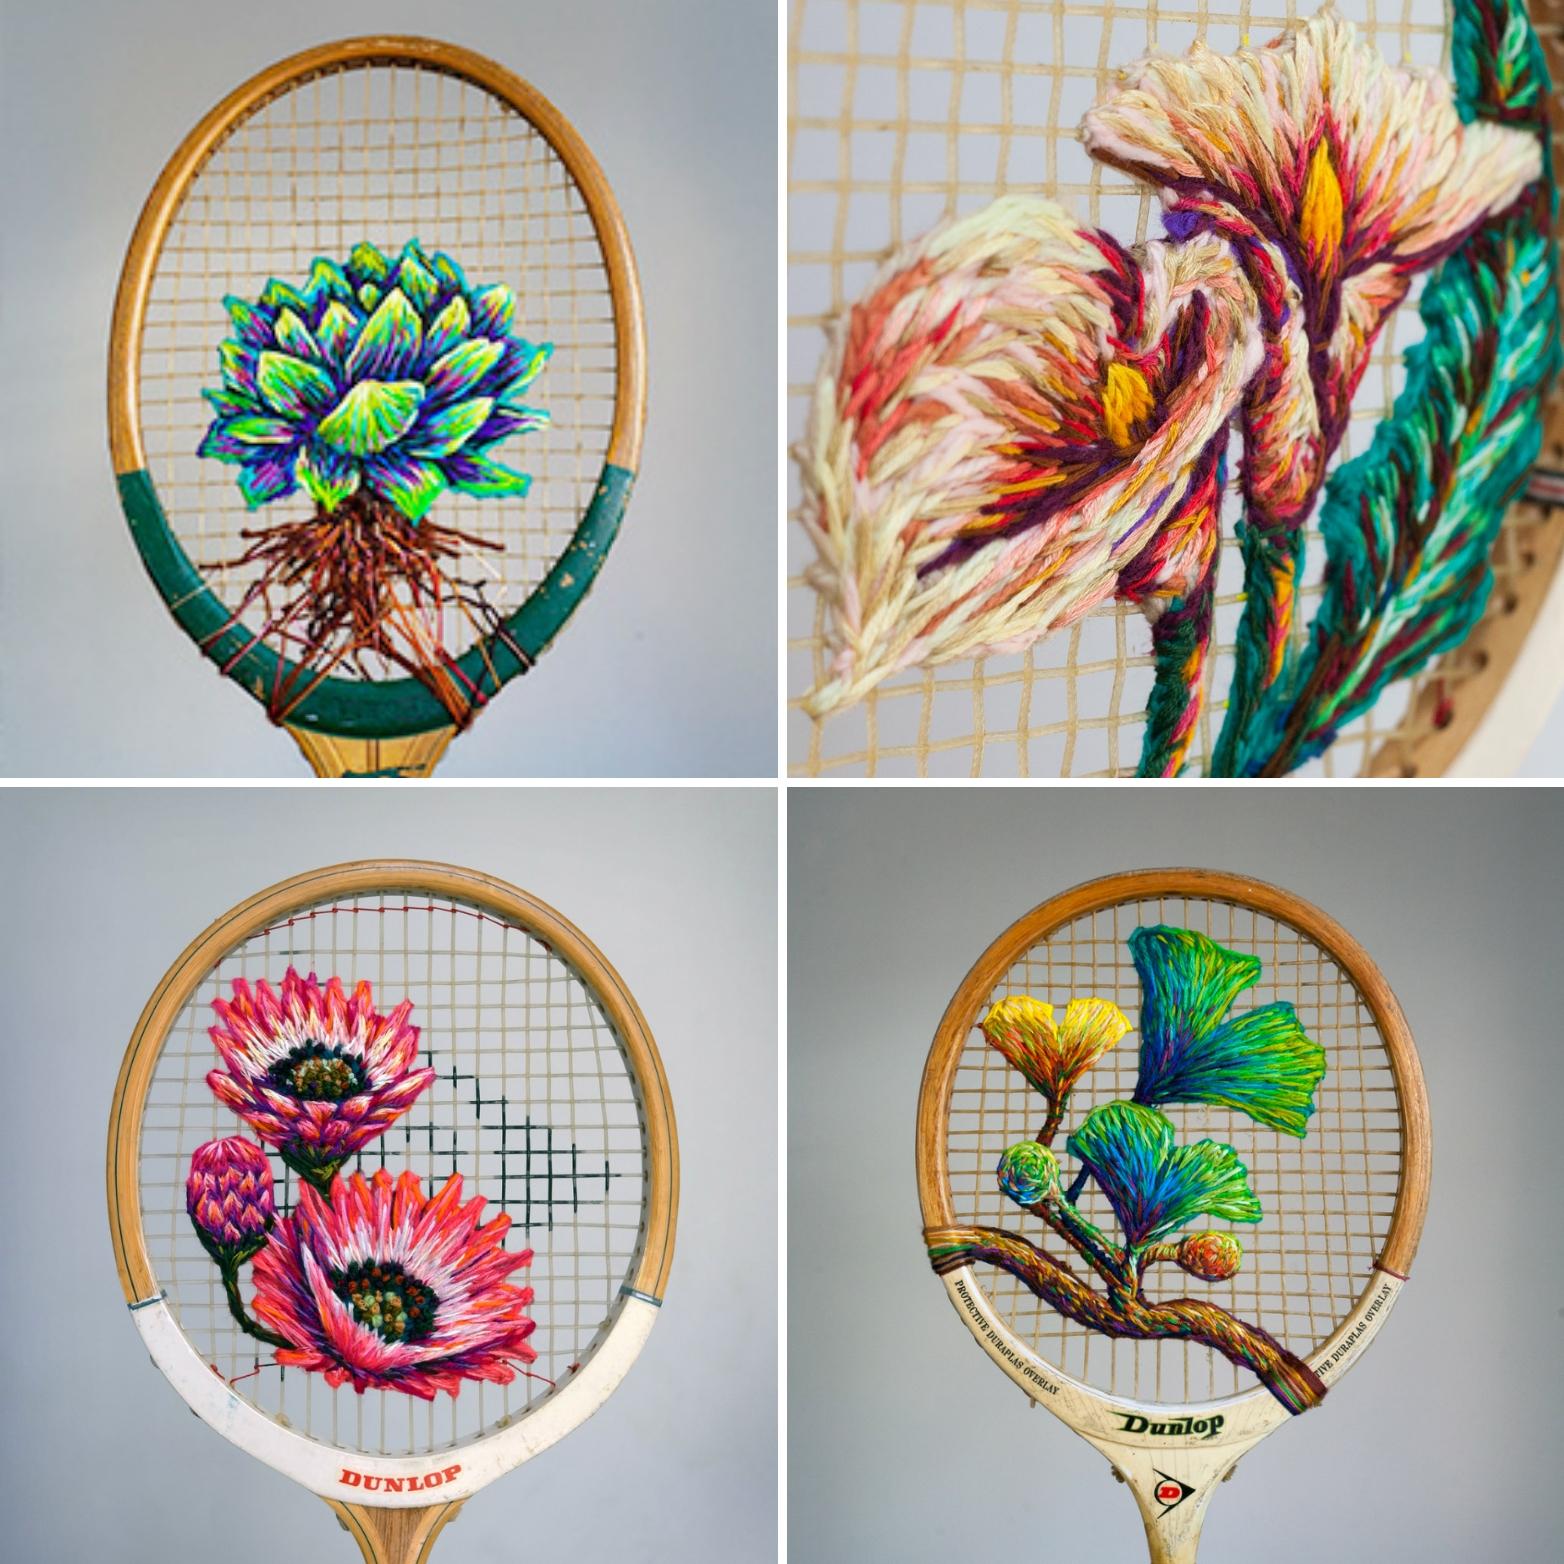 Danielle Clough crea sus bordados sobre las redes de raquetas